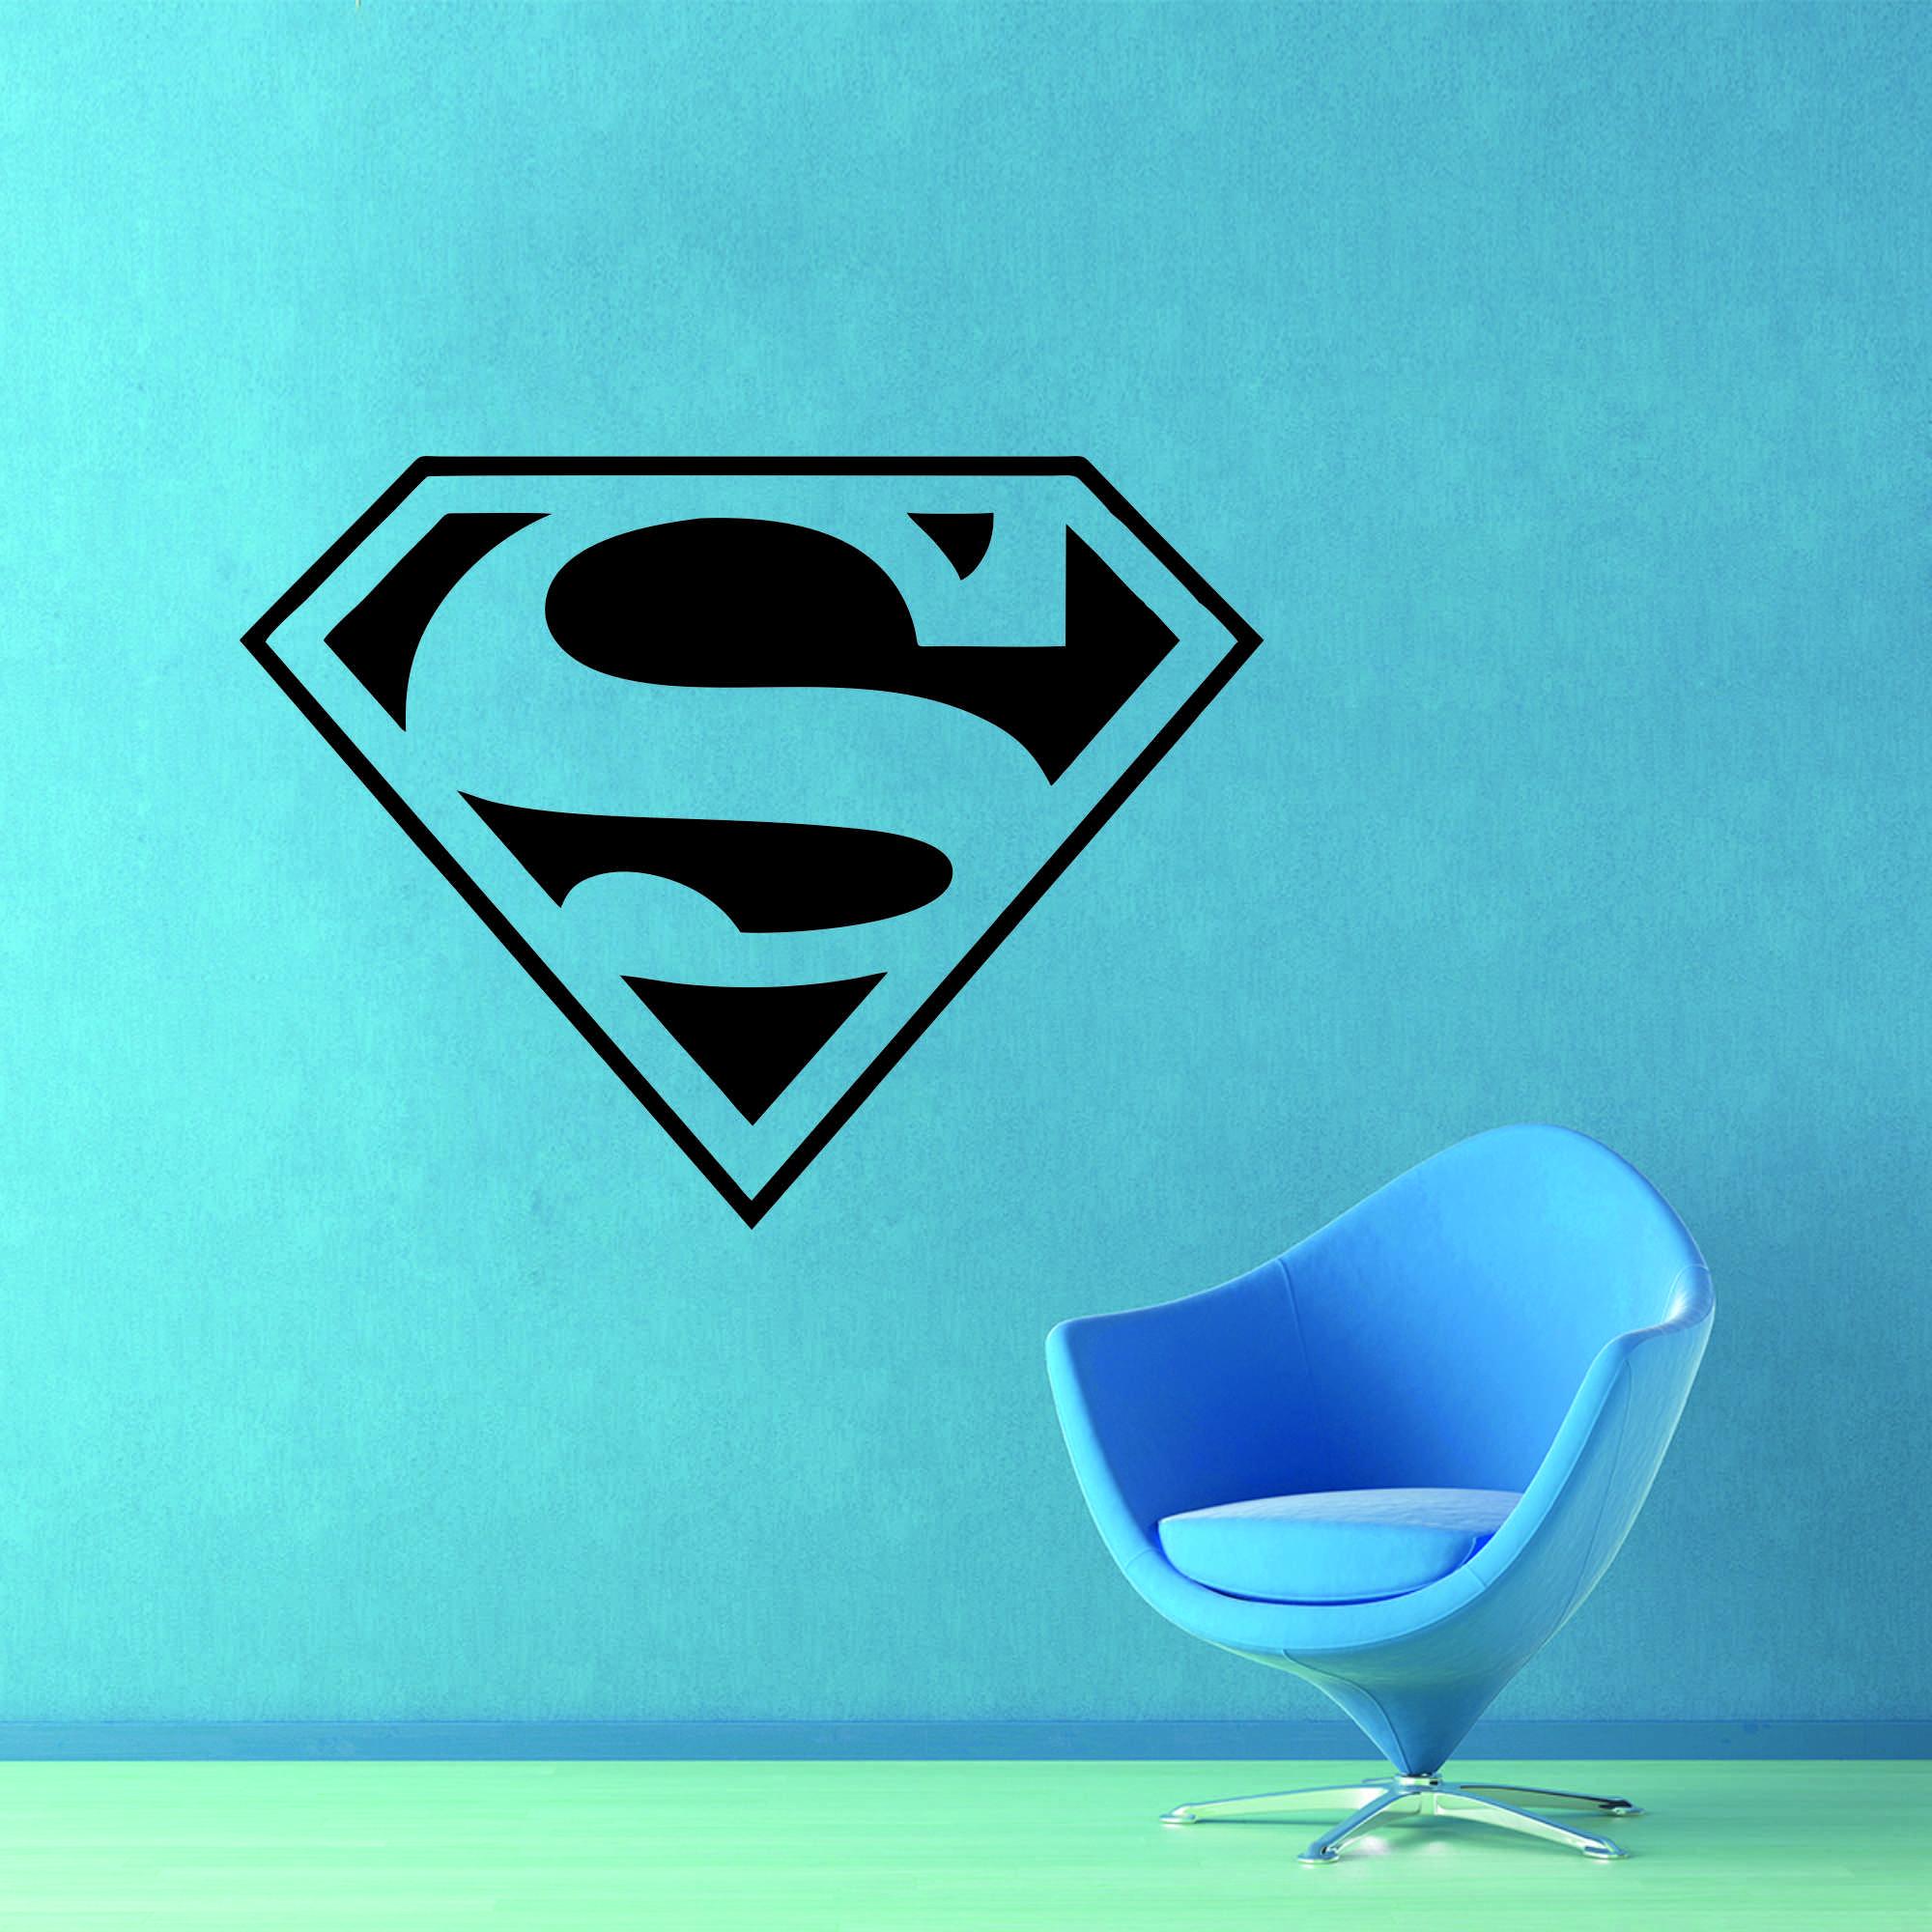 Samolepka na zeď - Superman znak - 95x72 cm - PopyDesign